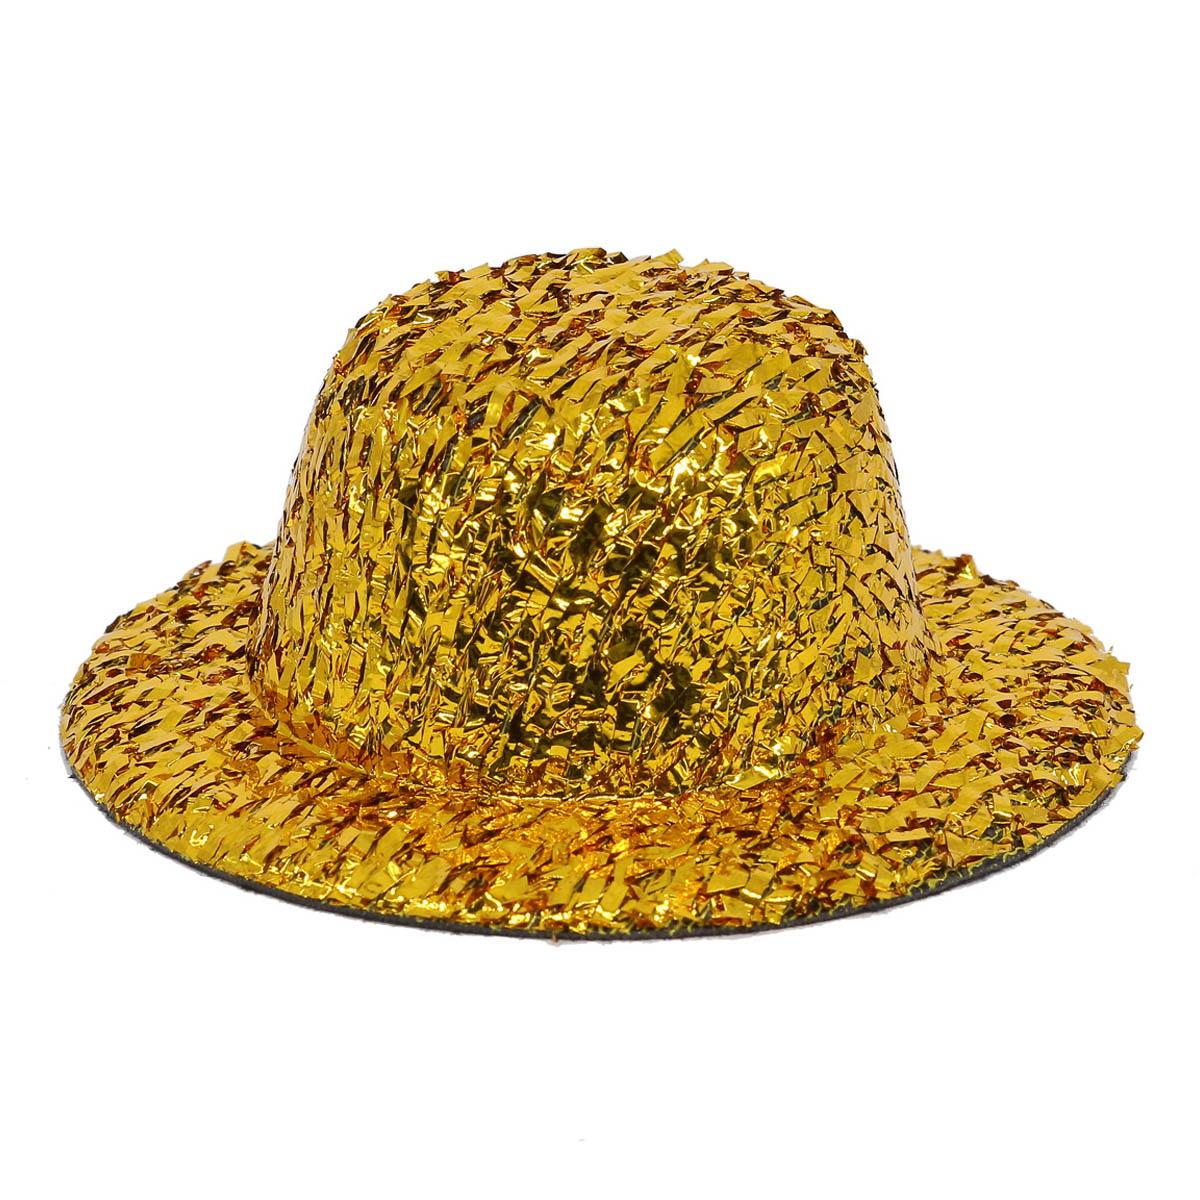 AS07-04, Шляпка для игрушек с блестками, 8см, 2 шт/упак